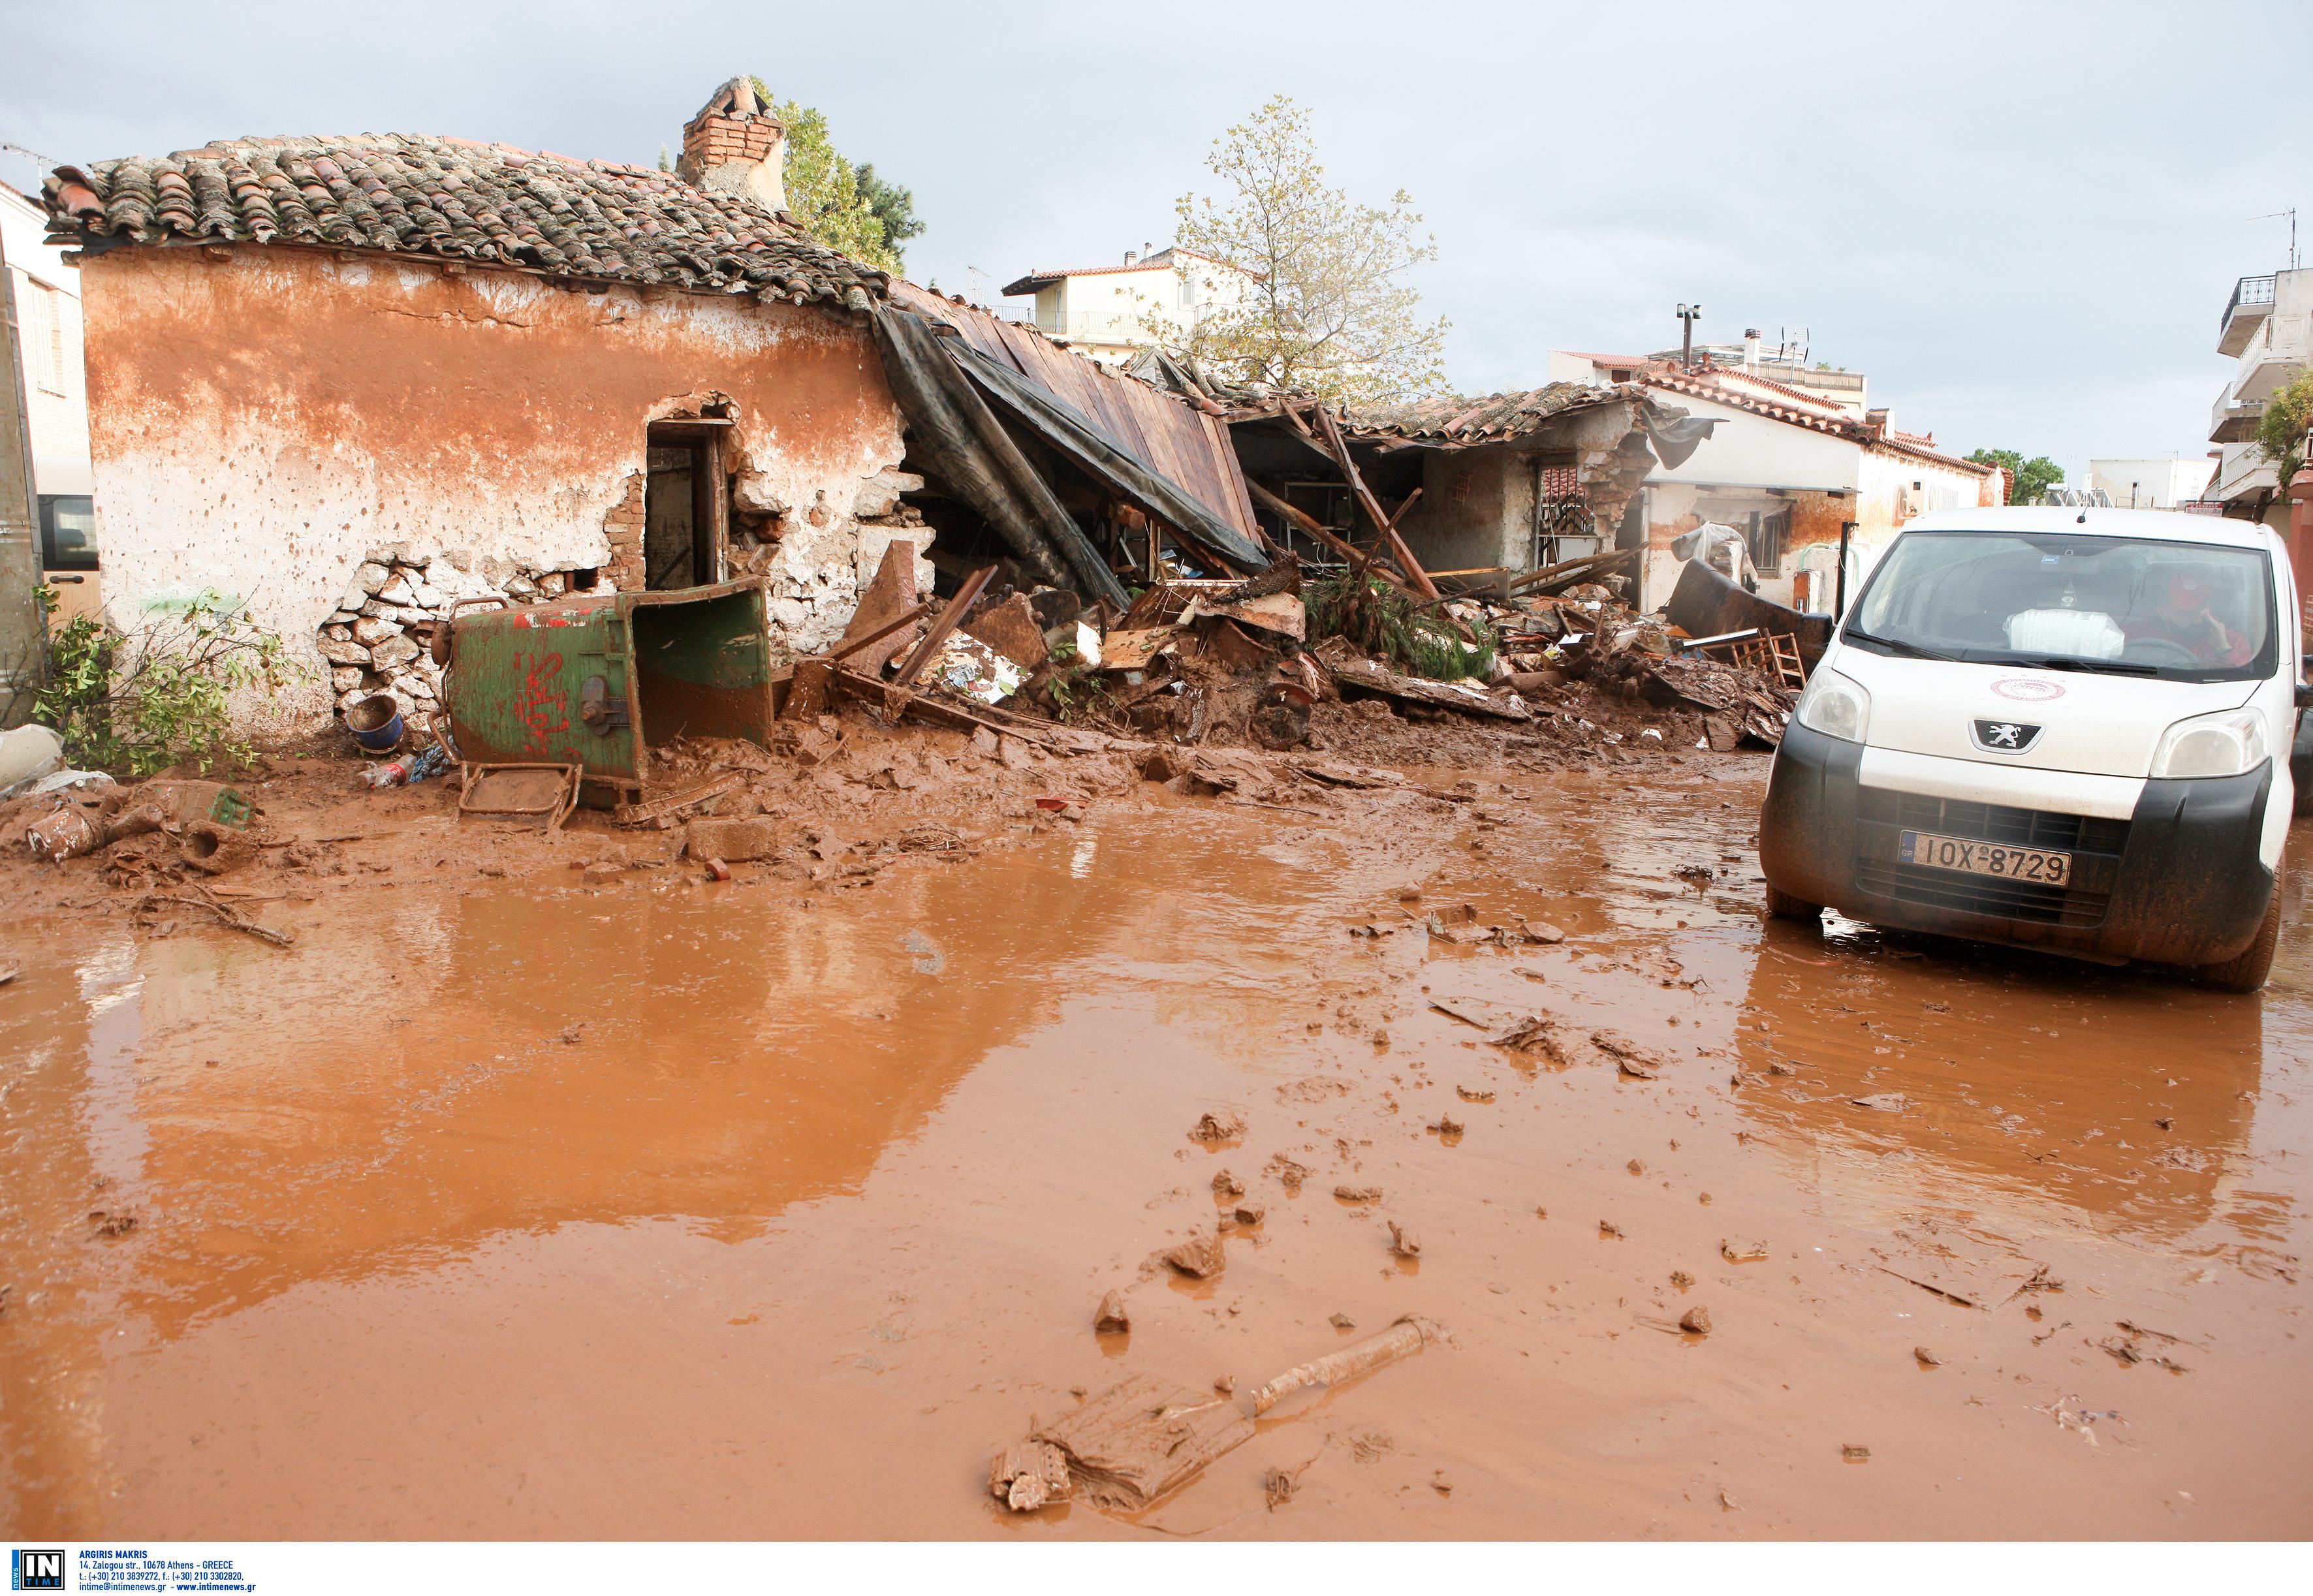 Σχεδόν 500 φυσικές καταστροφές από το 2000 μέχρι σήμερα – Βαρύς ο απολογισμός σε ανθρώπινες ζωές